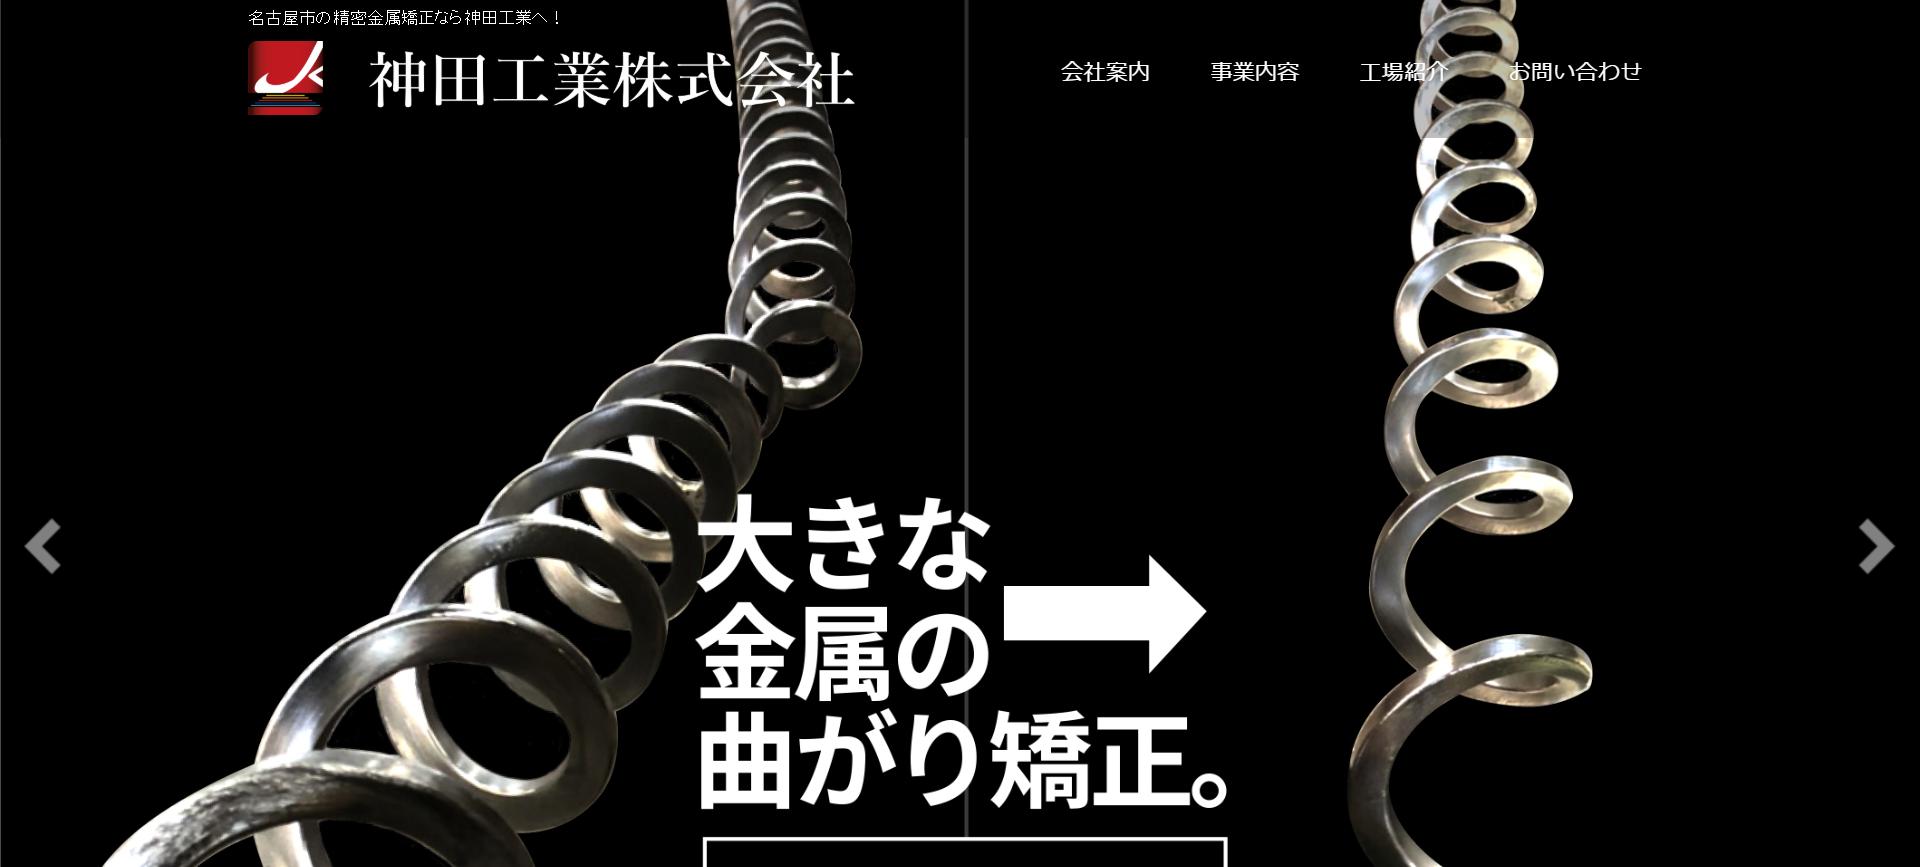 神田工業株式会社